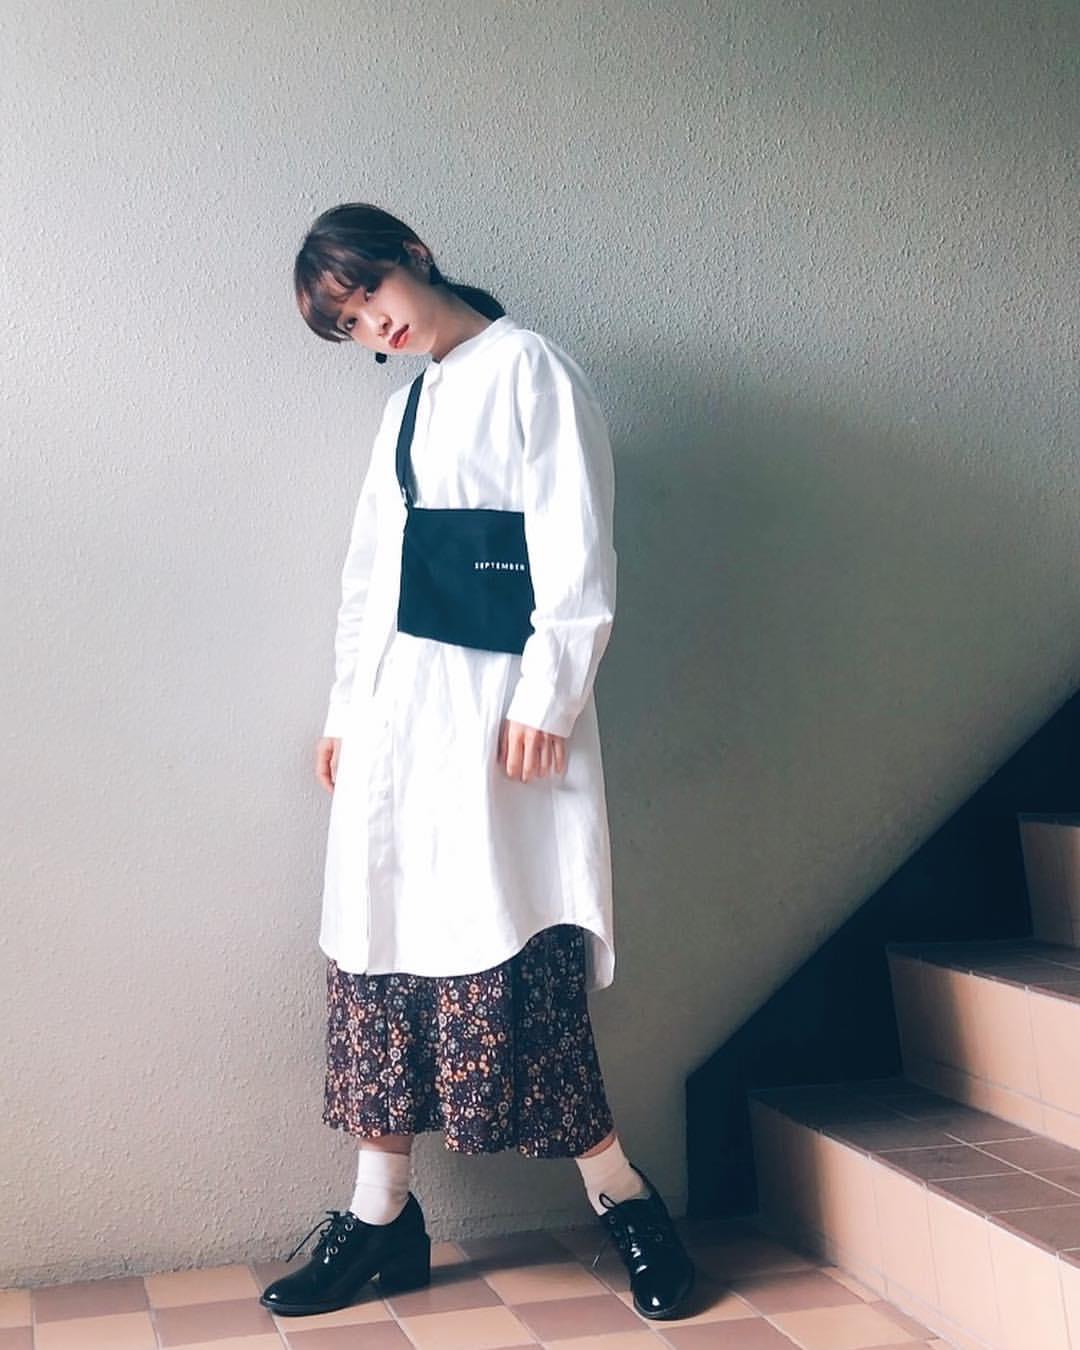 最高気温9度・最低気温1度 natsu_outfitsの服装